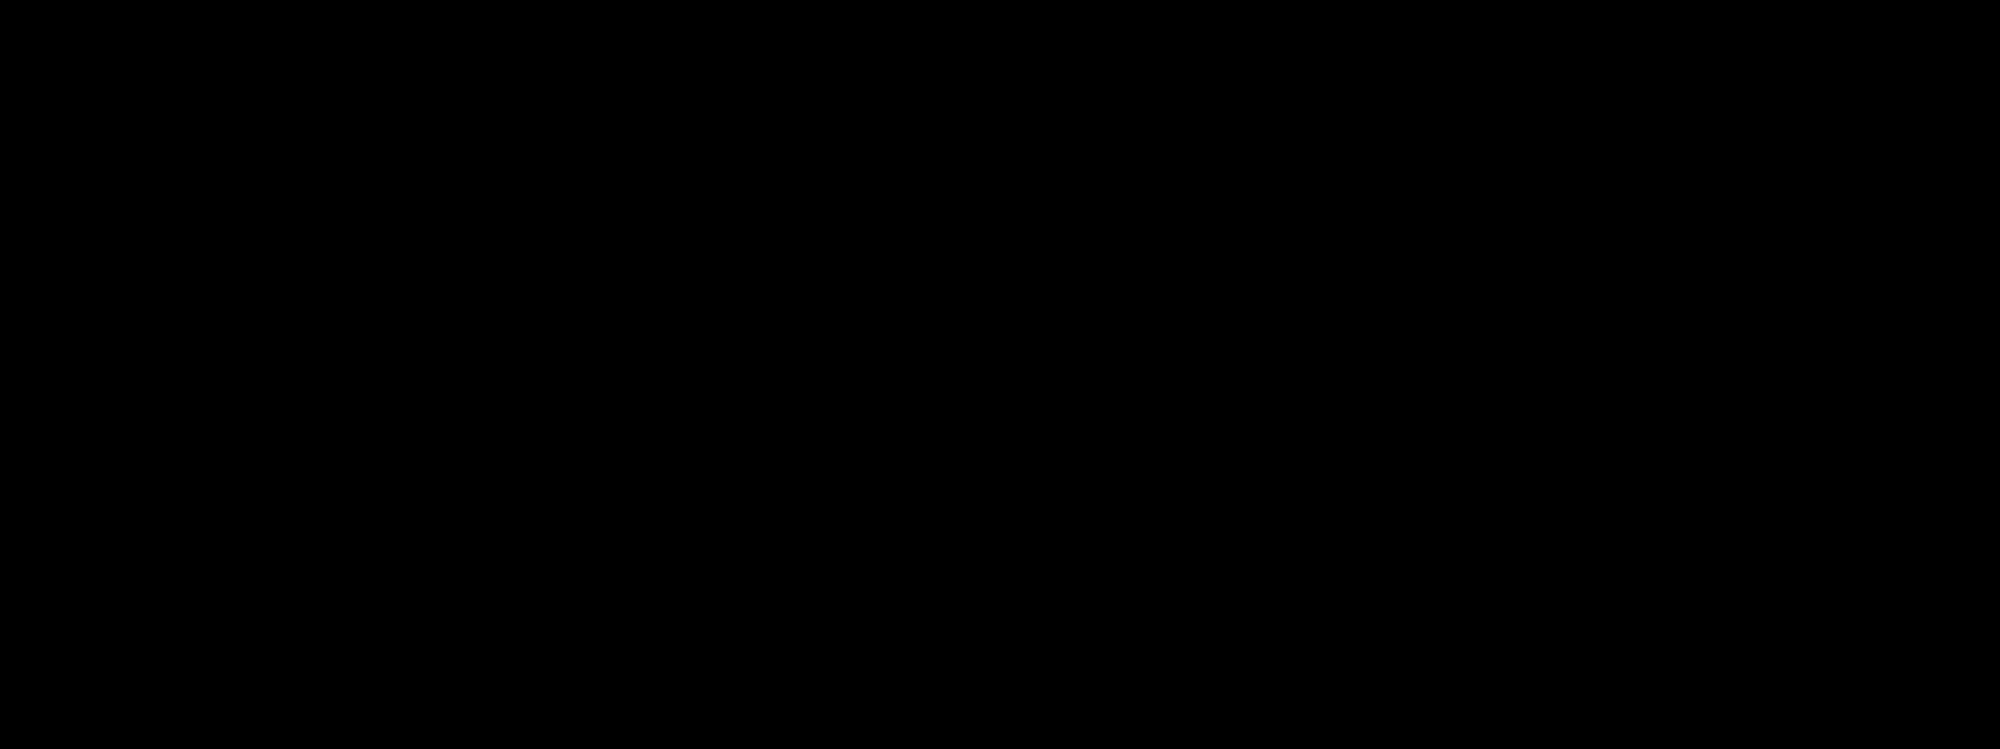 オナホール・エログッズ研究所